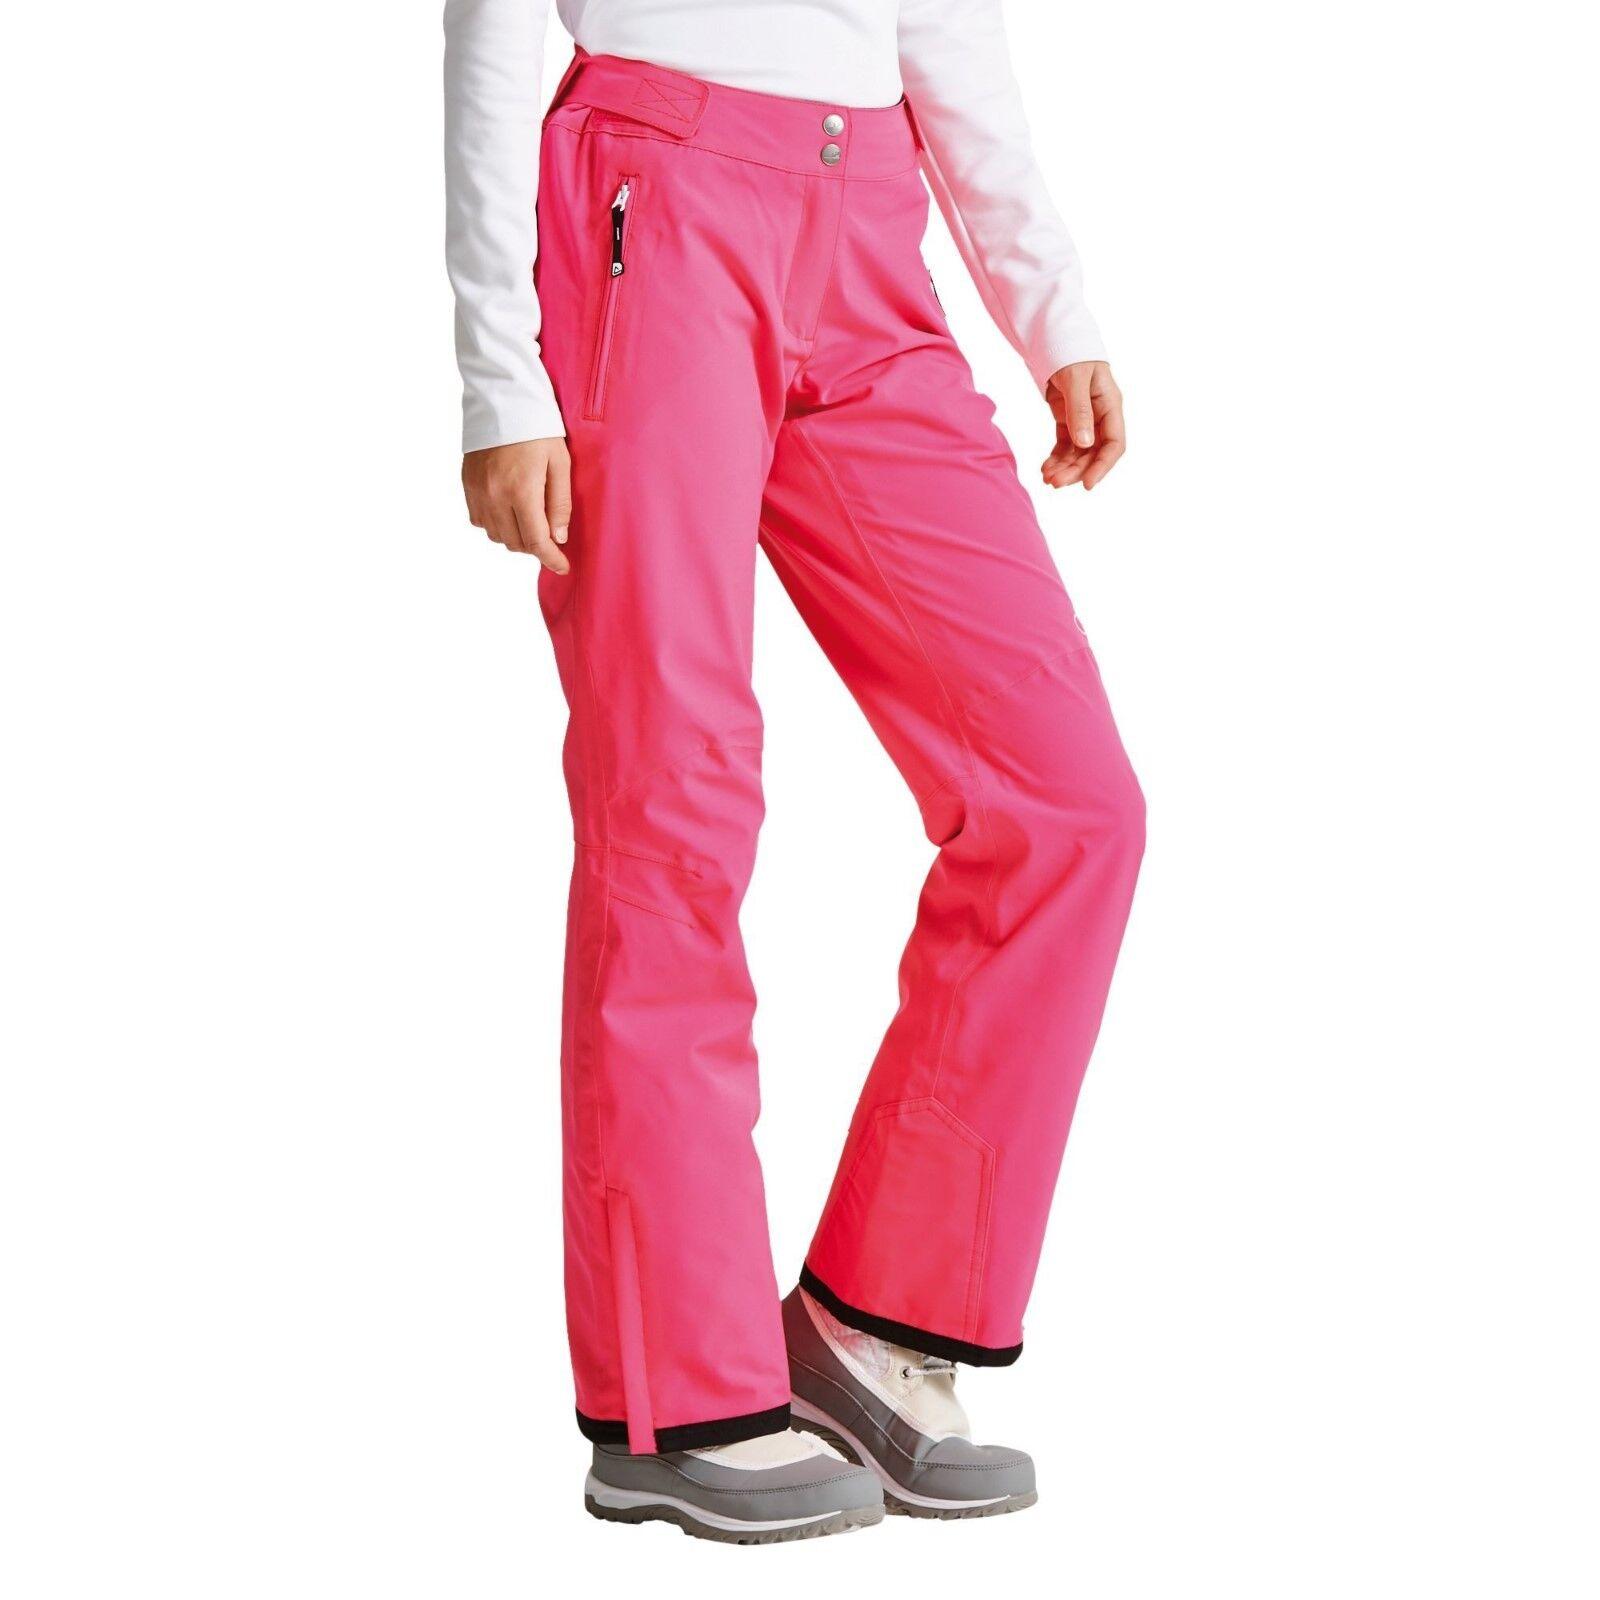 Damen DARE2B Ständer II für Cyber Rosa Stretch Skihosen Kurzes Bein